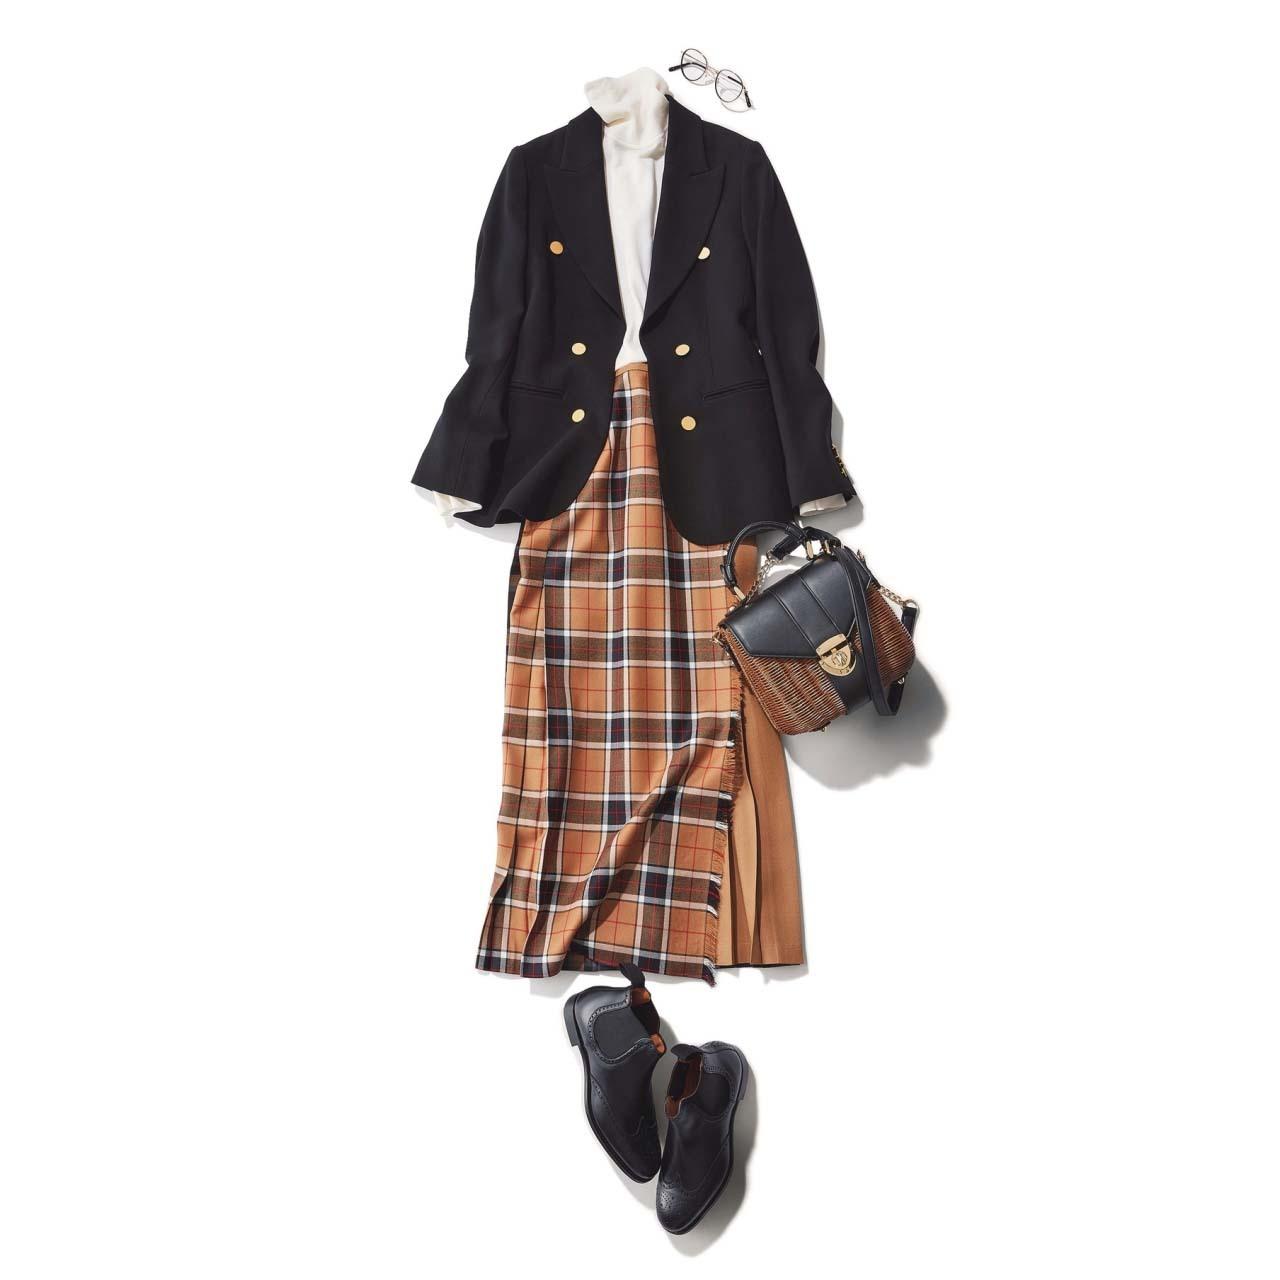 アイヴァンのメガネ×ジャケット×タイトスカートコーデ